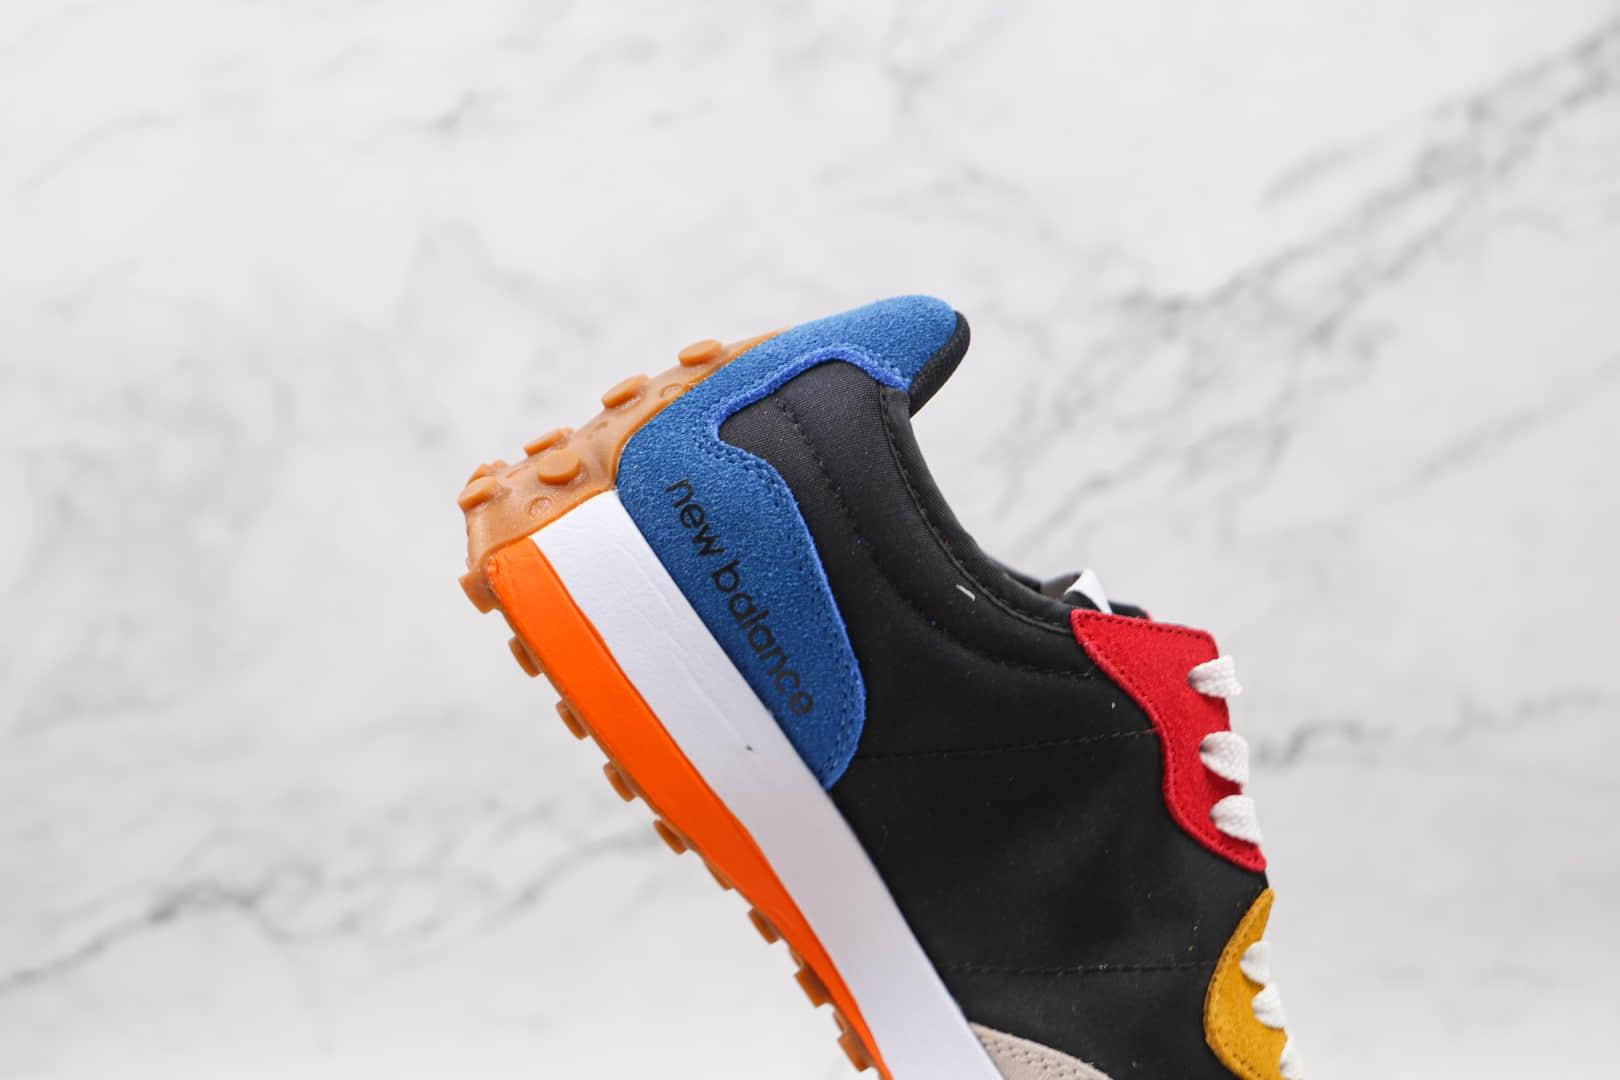 新百伦New Balance 327纯原版本布面白黑蓝红黄色彩色拼接NB327复古慢跑鞋原鞋开模一比一打造 货号:MS327PBB